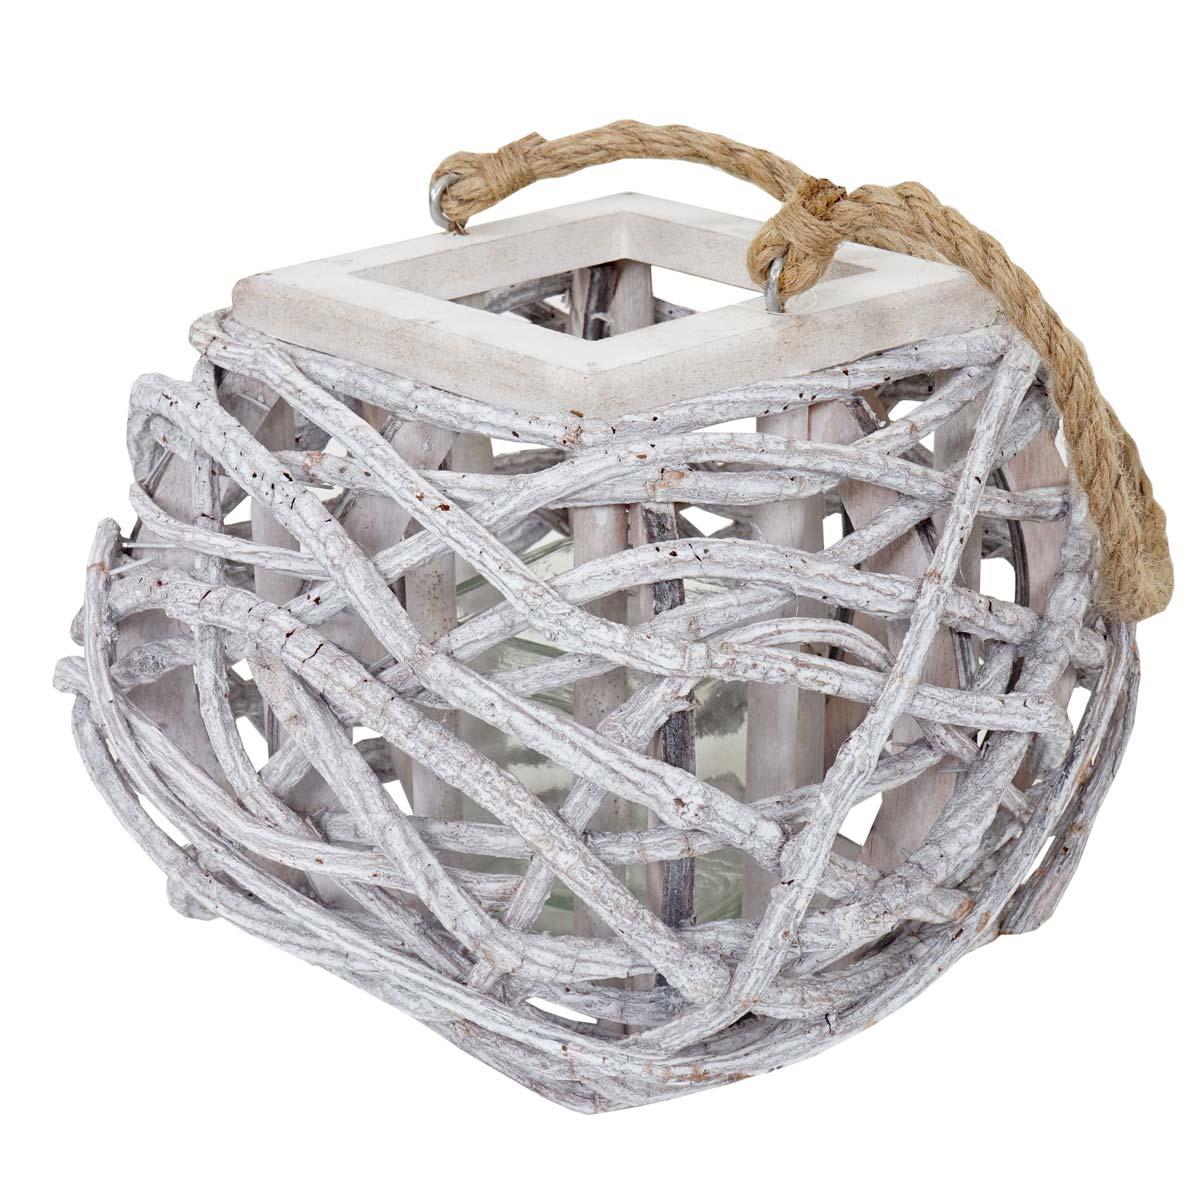 Hängelaterne 40cm, Windlicht Kerzenhalter mit Glaseinsatz 8cm, weiß-grau